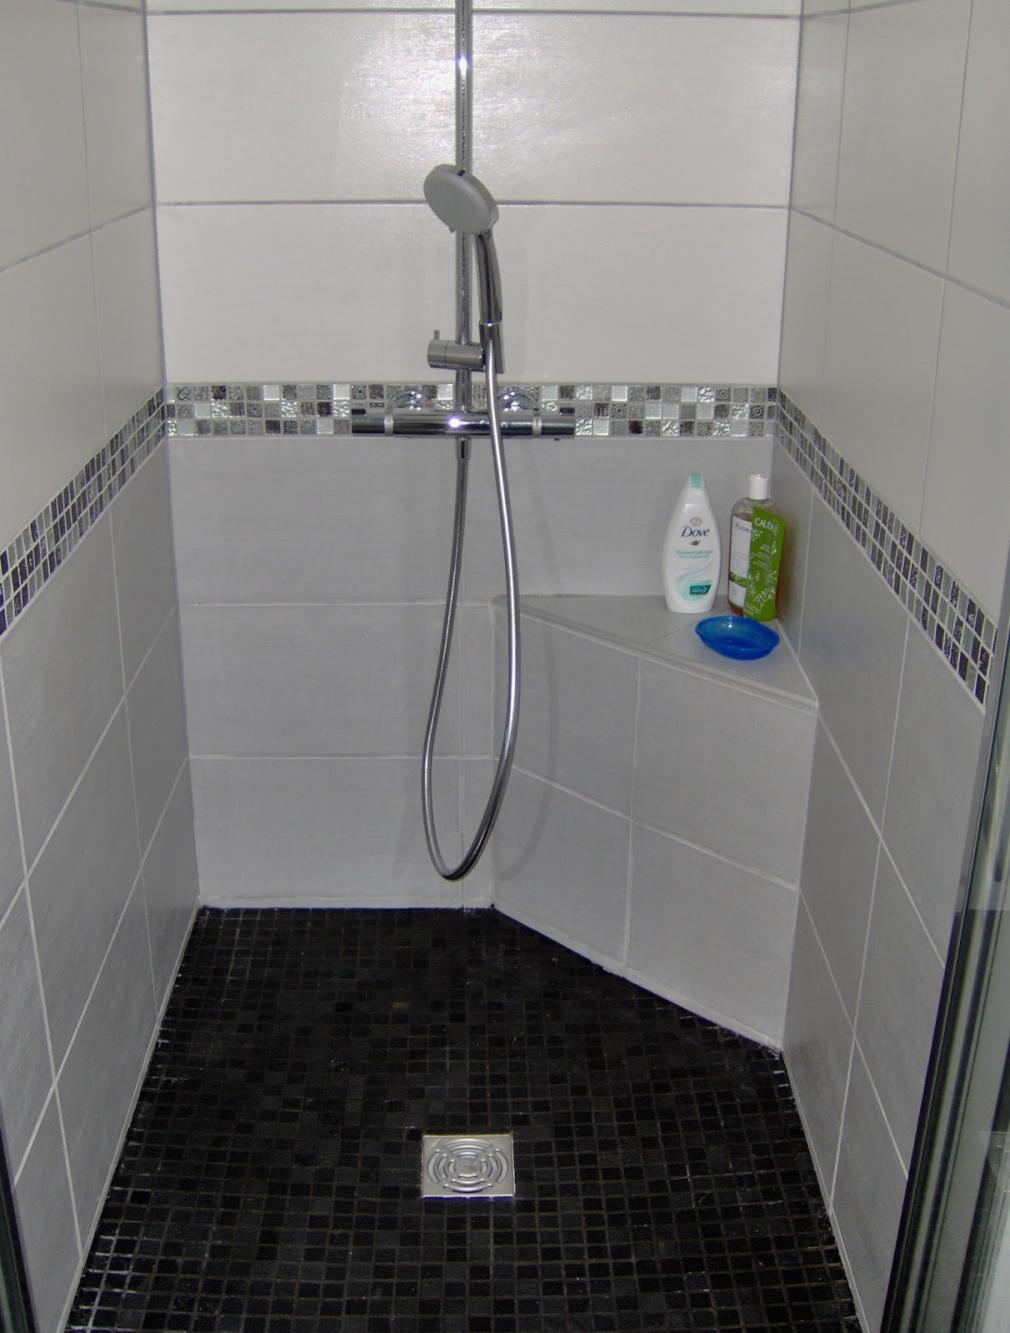 Carrelage Salle De Bain Avec Mosaique carrelage salle de bain mosaique ides de mosaique noir salle